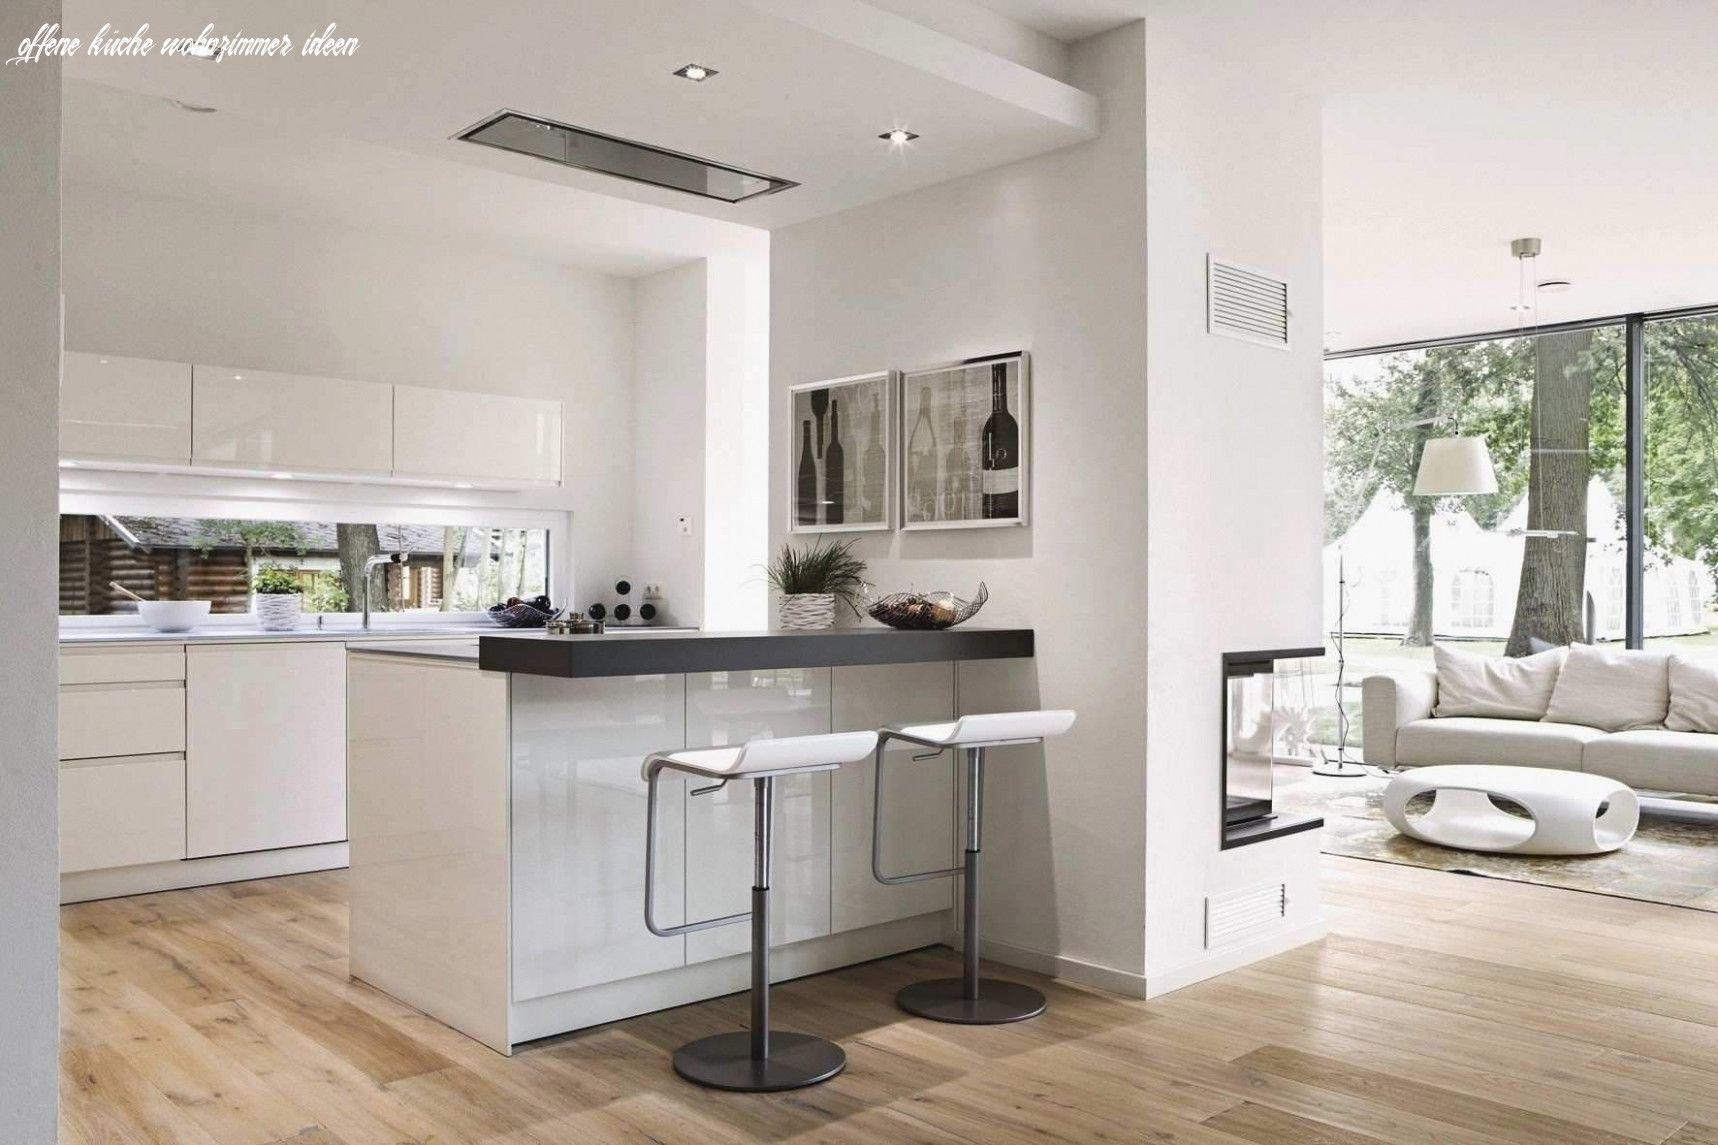 Hier Ist Der Grund, Warum Sie An Offene Küche Wohnzimmer Ideen